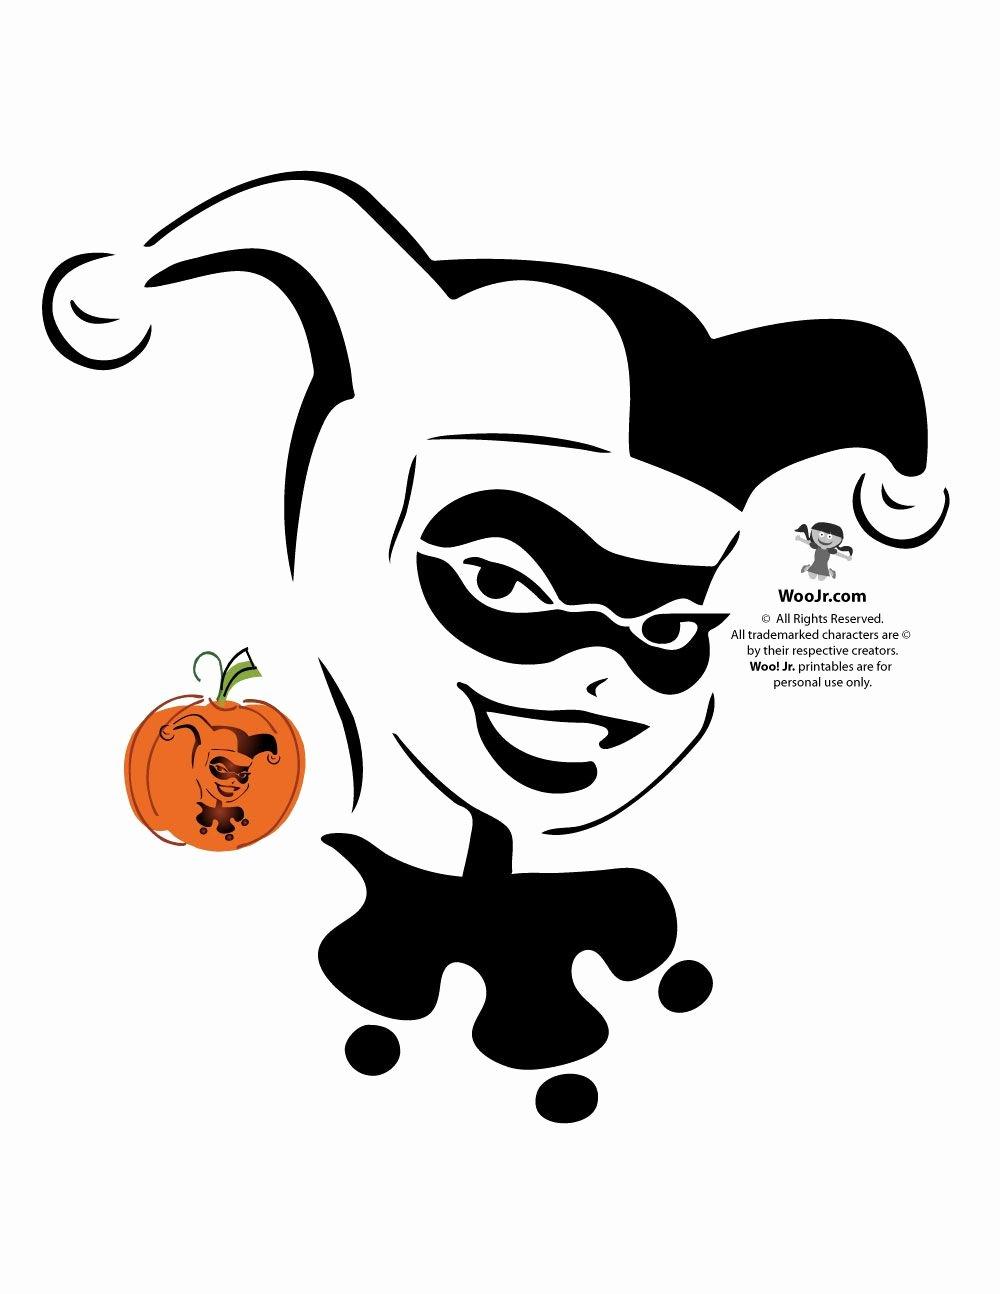 Joker Pumpkin Carving Patterns New Superman Batman Wonder Woman & Dc Ics Villains